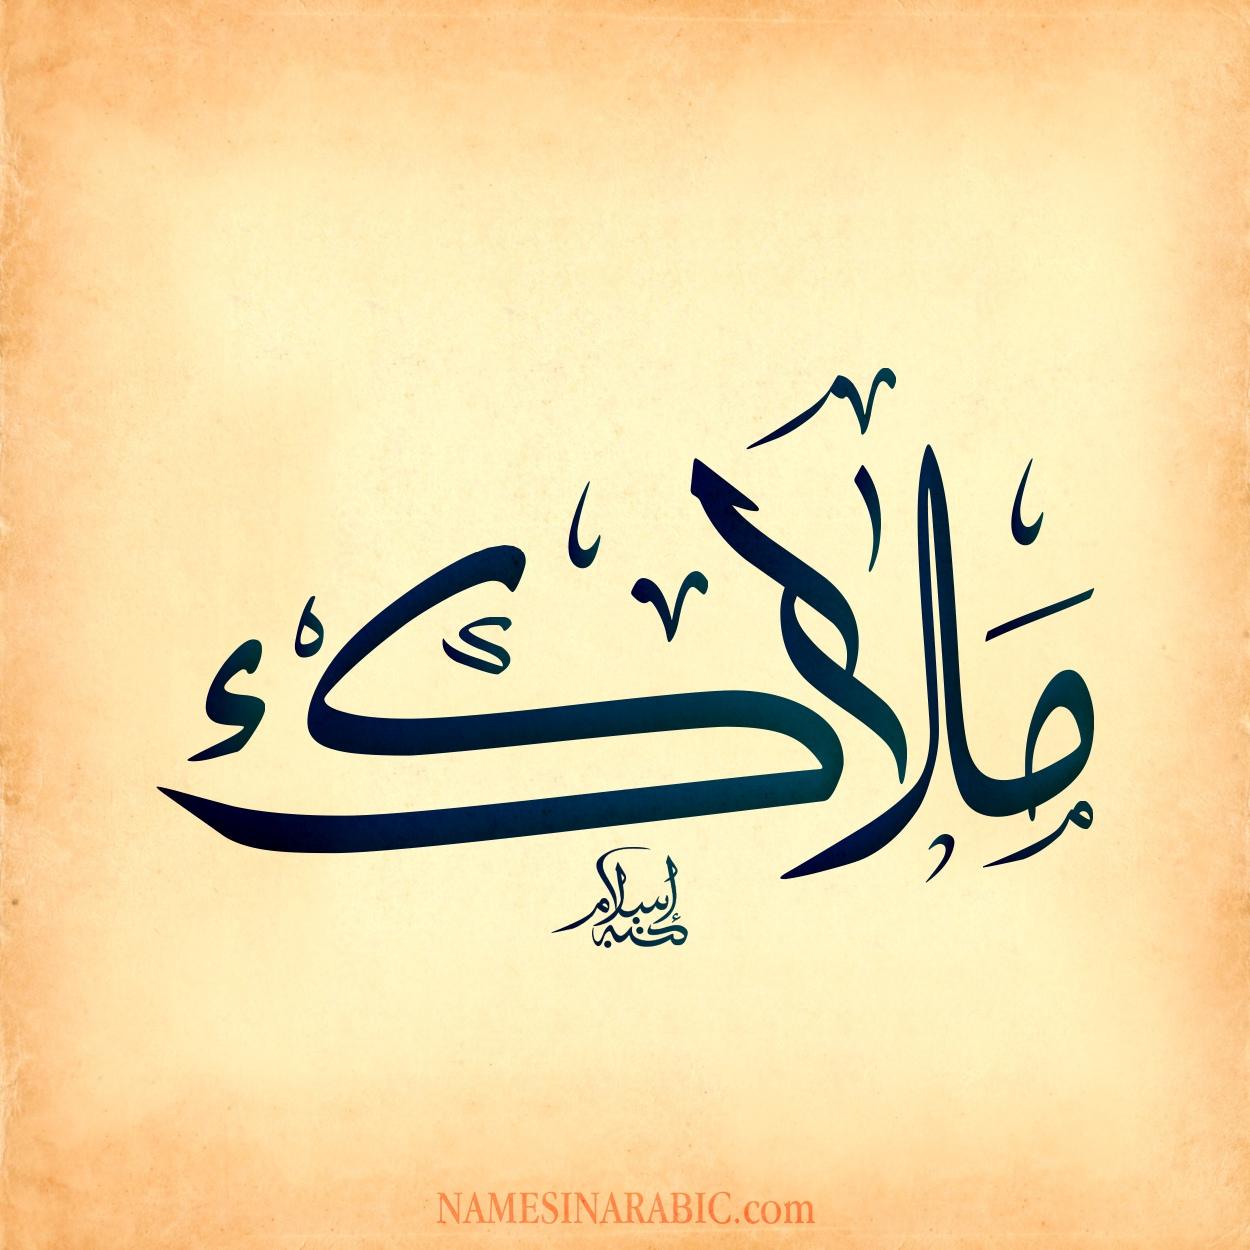 صورة اسم ملاك Malak اسم ملاك بالخط العربي من موقع الأسماء بالخط العربي بريشة الفنان إسلام ابن الفضل